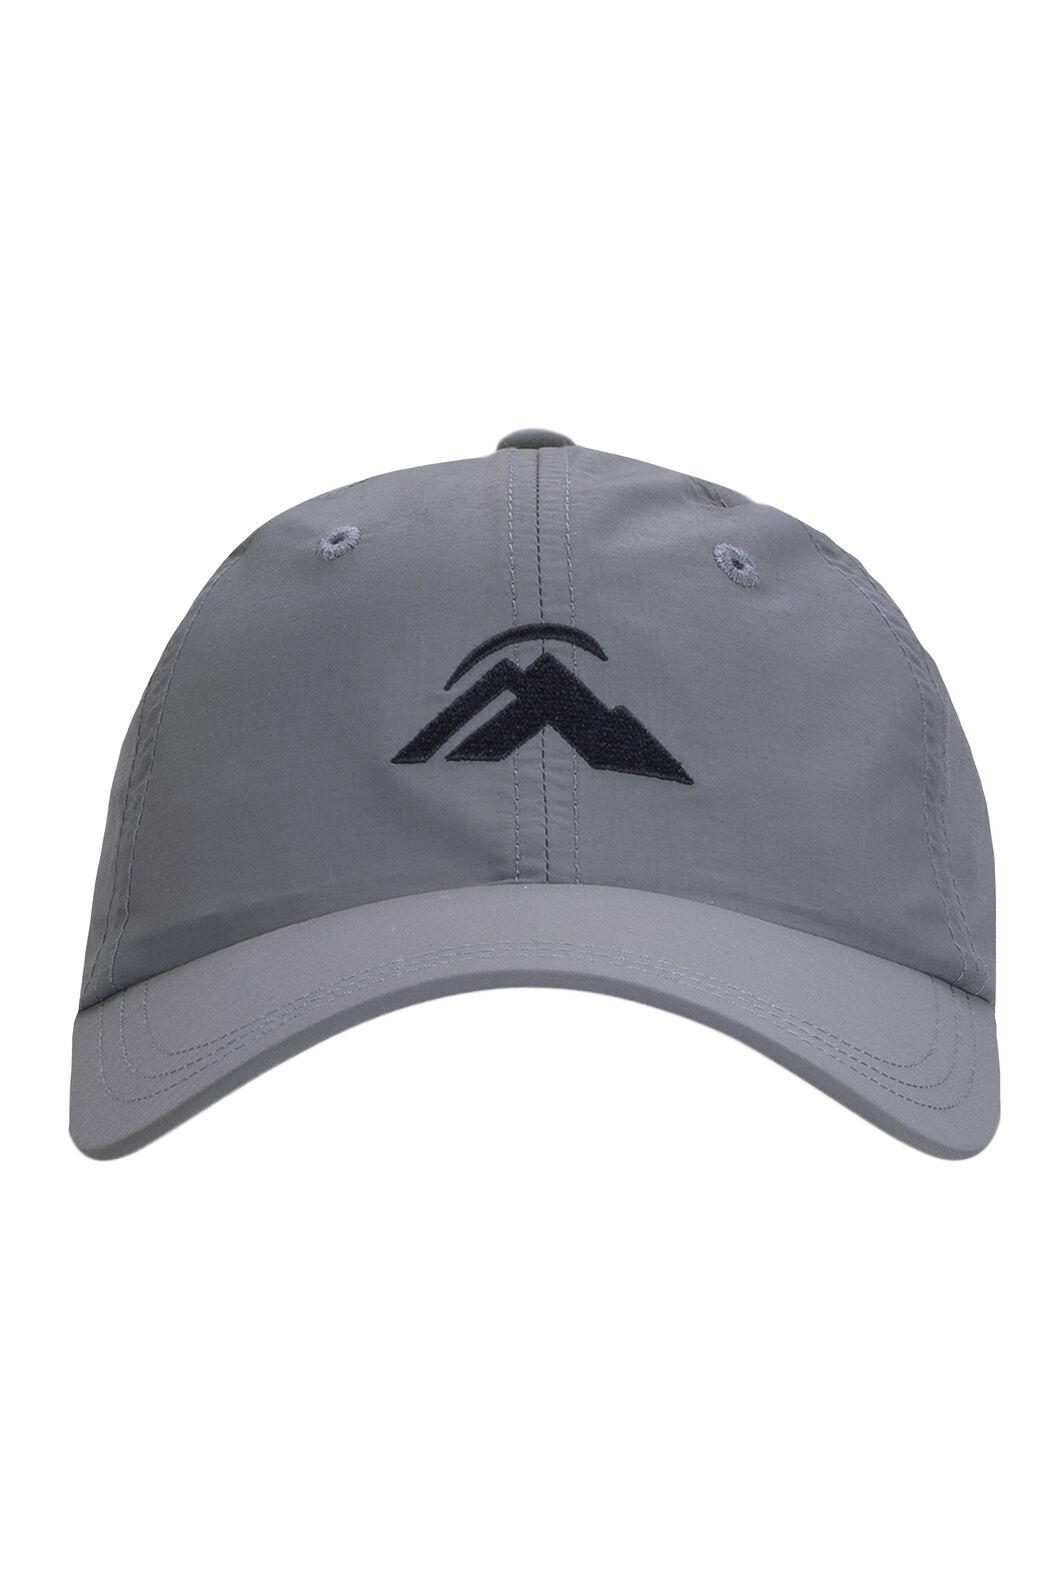 Macpac Hiker Cap, High Rise, hi-res